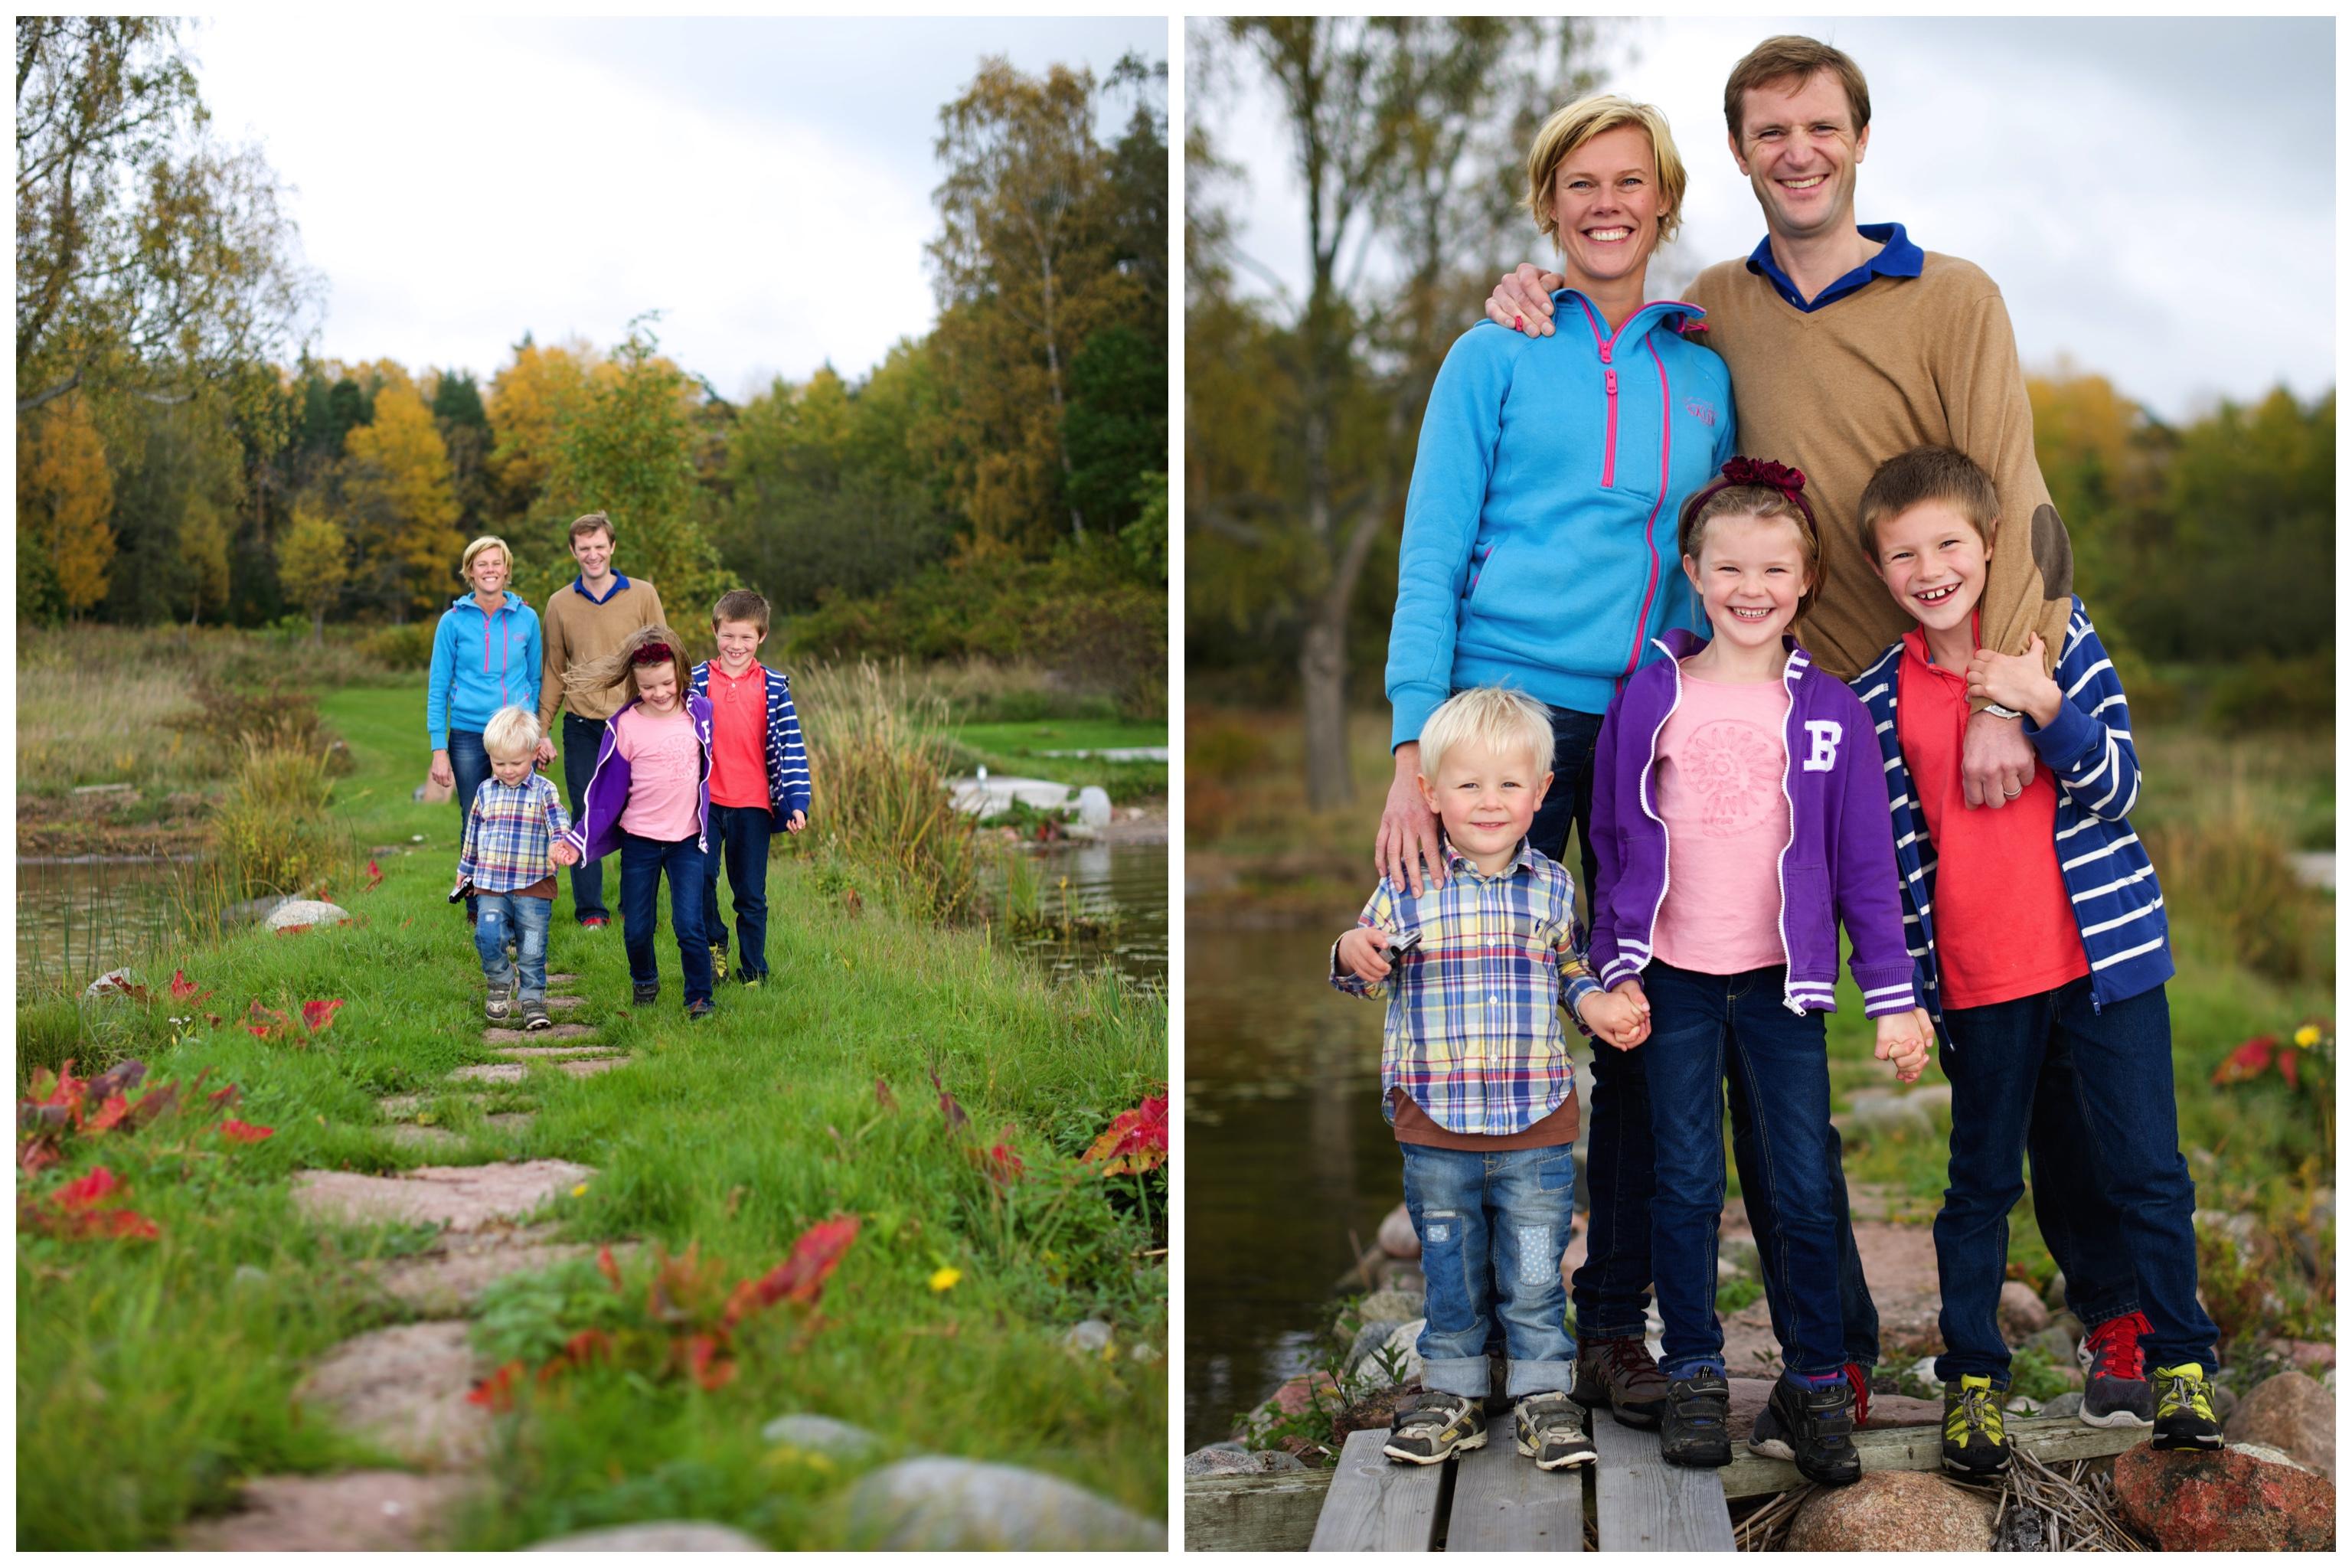 Familjefotografering på Ekerö Levande familjeporträtt Naturligt familjefoto